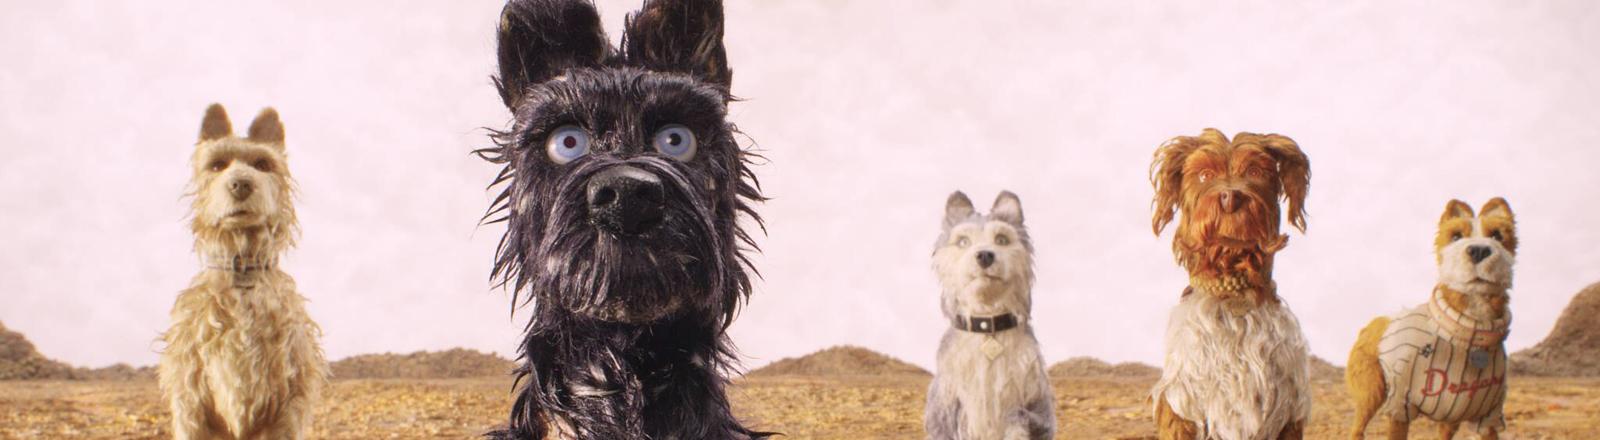 """Still aus Wes Andersons Film """"Isle of Dogs"""" - Vier animierte Hunde starren nach vorne."""